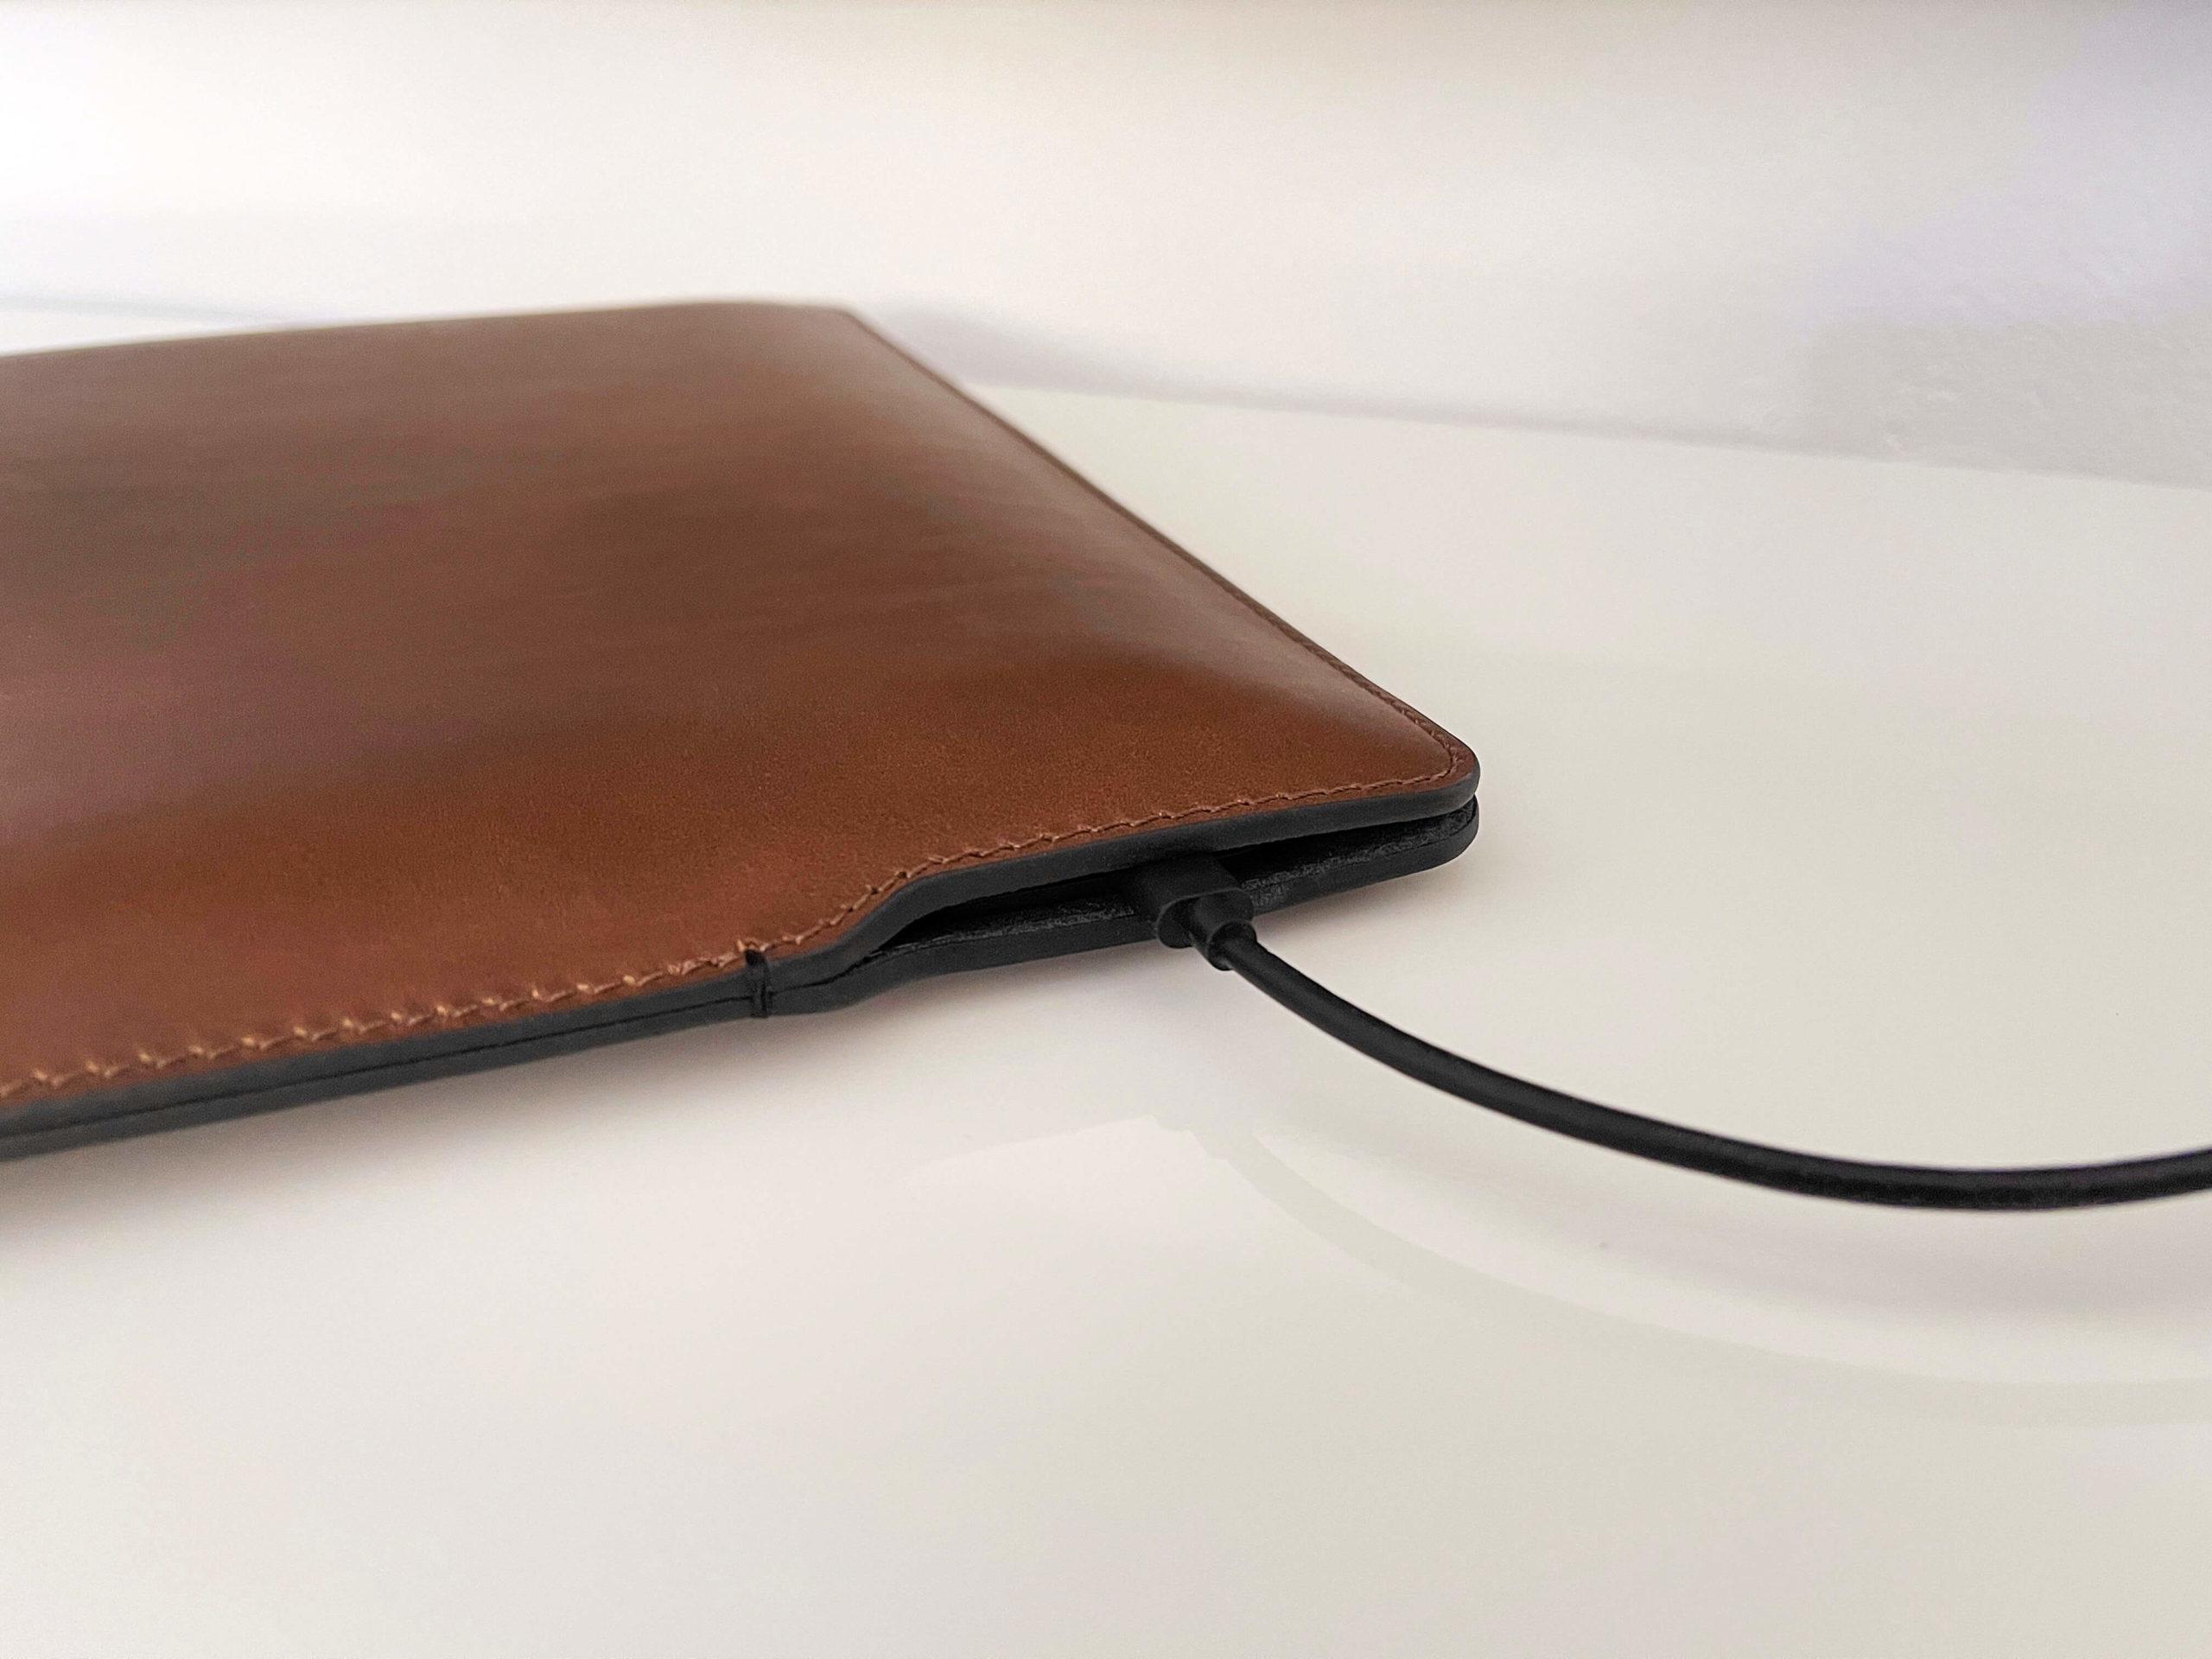 Echtlederhuelle-mit-Magnetverschluss-fuer-das-MacBook-von-Nomad1-scaled Echtlederhülle mit Magnetverschluss für das MacBook von Nomad